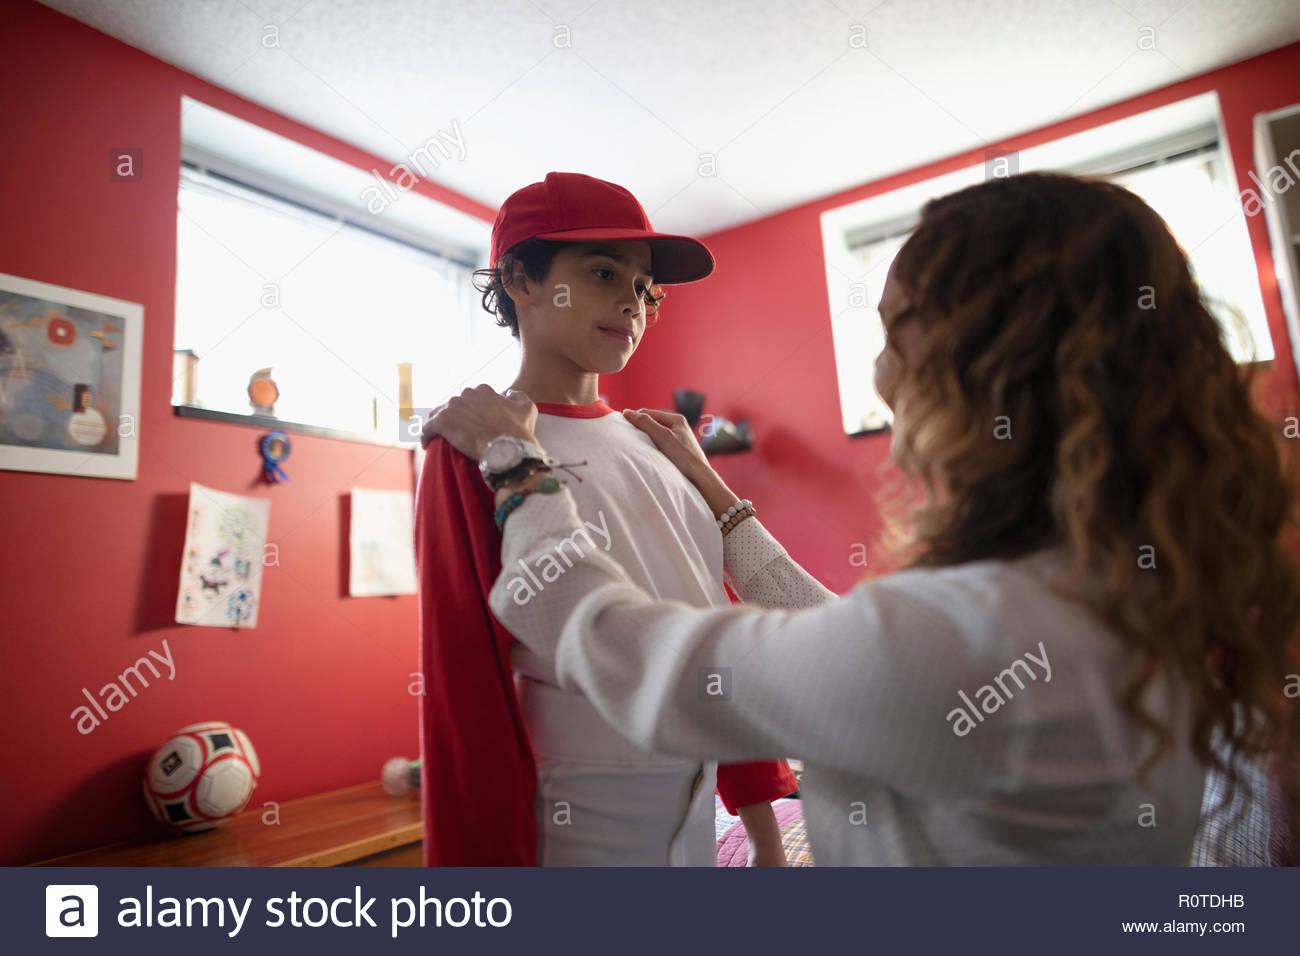 Madre Latinx aiutando figlio vestirsi per pratica di baseball in camera da letto Immagini Stock